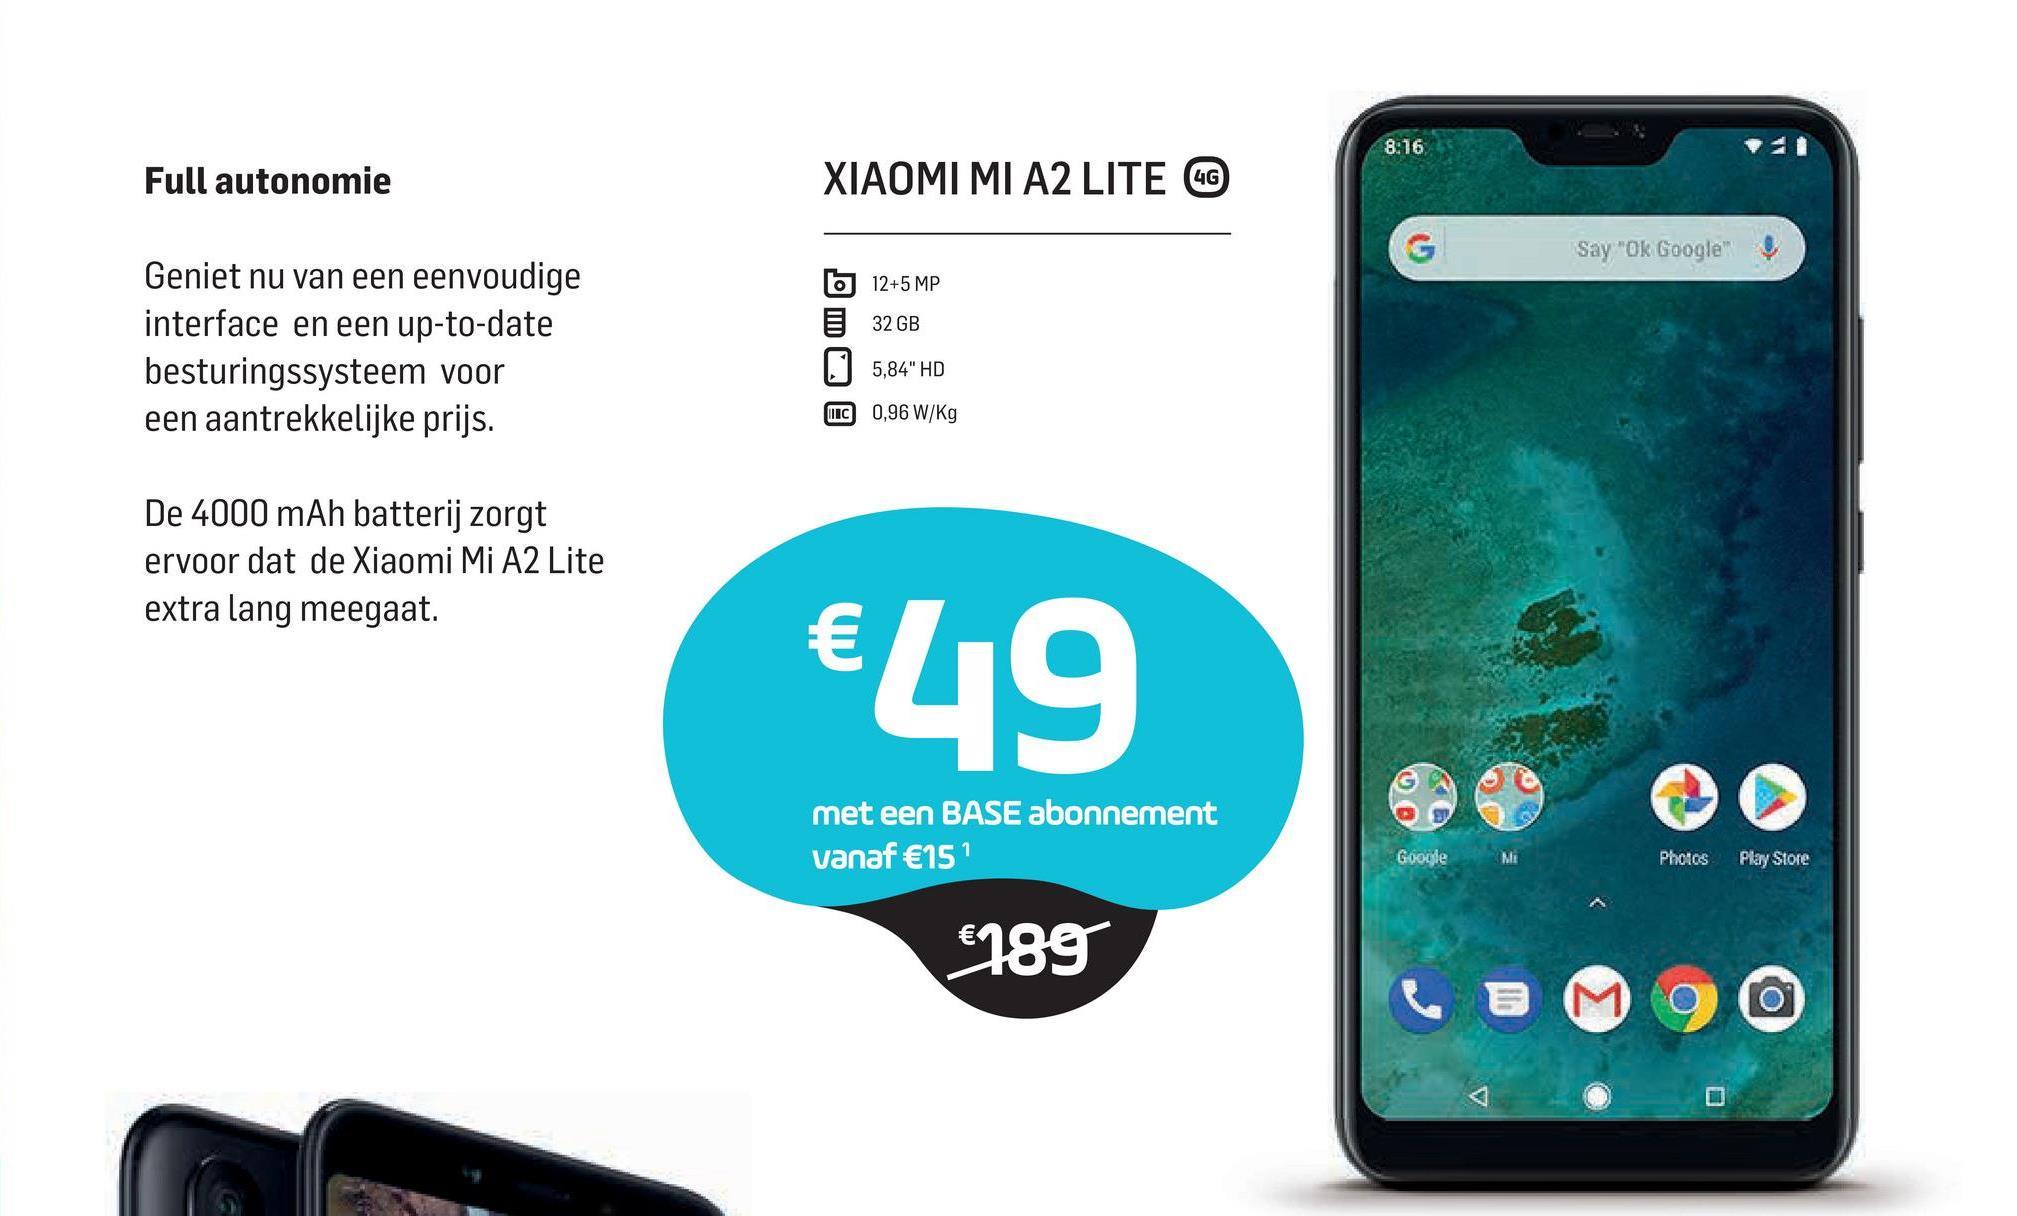 """8:16 Full autonomie XIAOMI MI A2 LITE CO Say """"Ok Google 12+5 MP 32 GB Geniet nu van een eenvoudige interface en een up-to-date besturingssysteem voor een aantrekkelijke prijs. 5,84"""" HD MC 0,96 W/kg De 4000 mAh batterij zorgt ervoor dat de Xiaomi Mi A2 Lite extra lang meegaat. €49 met een BASE abonnement vanaf €15? Google Photos Play Store €189"""